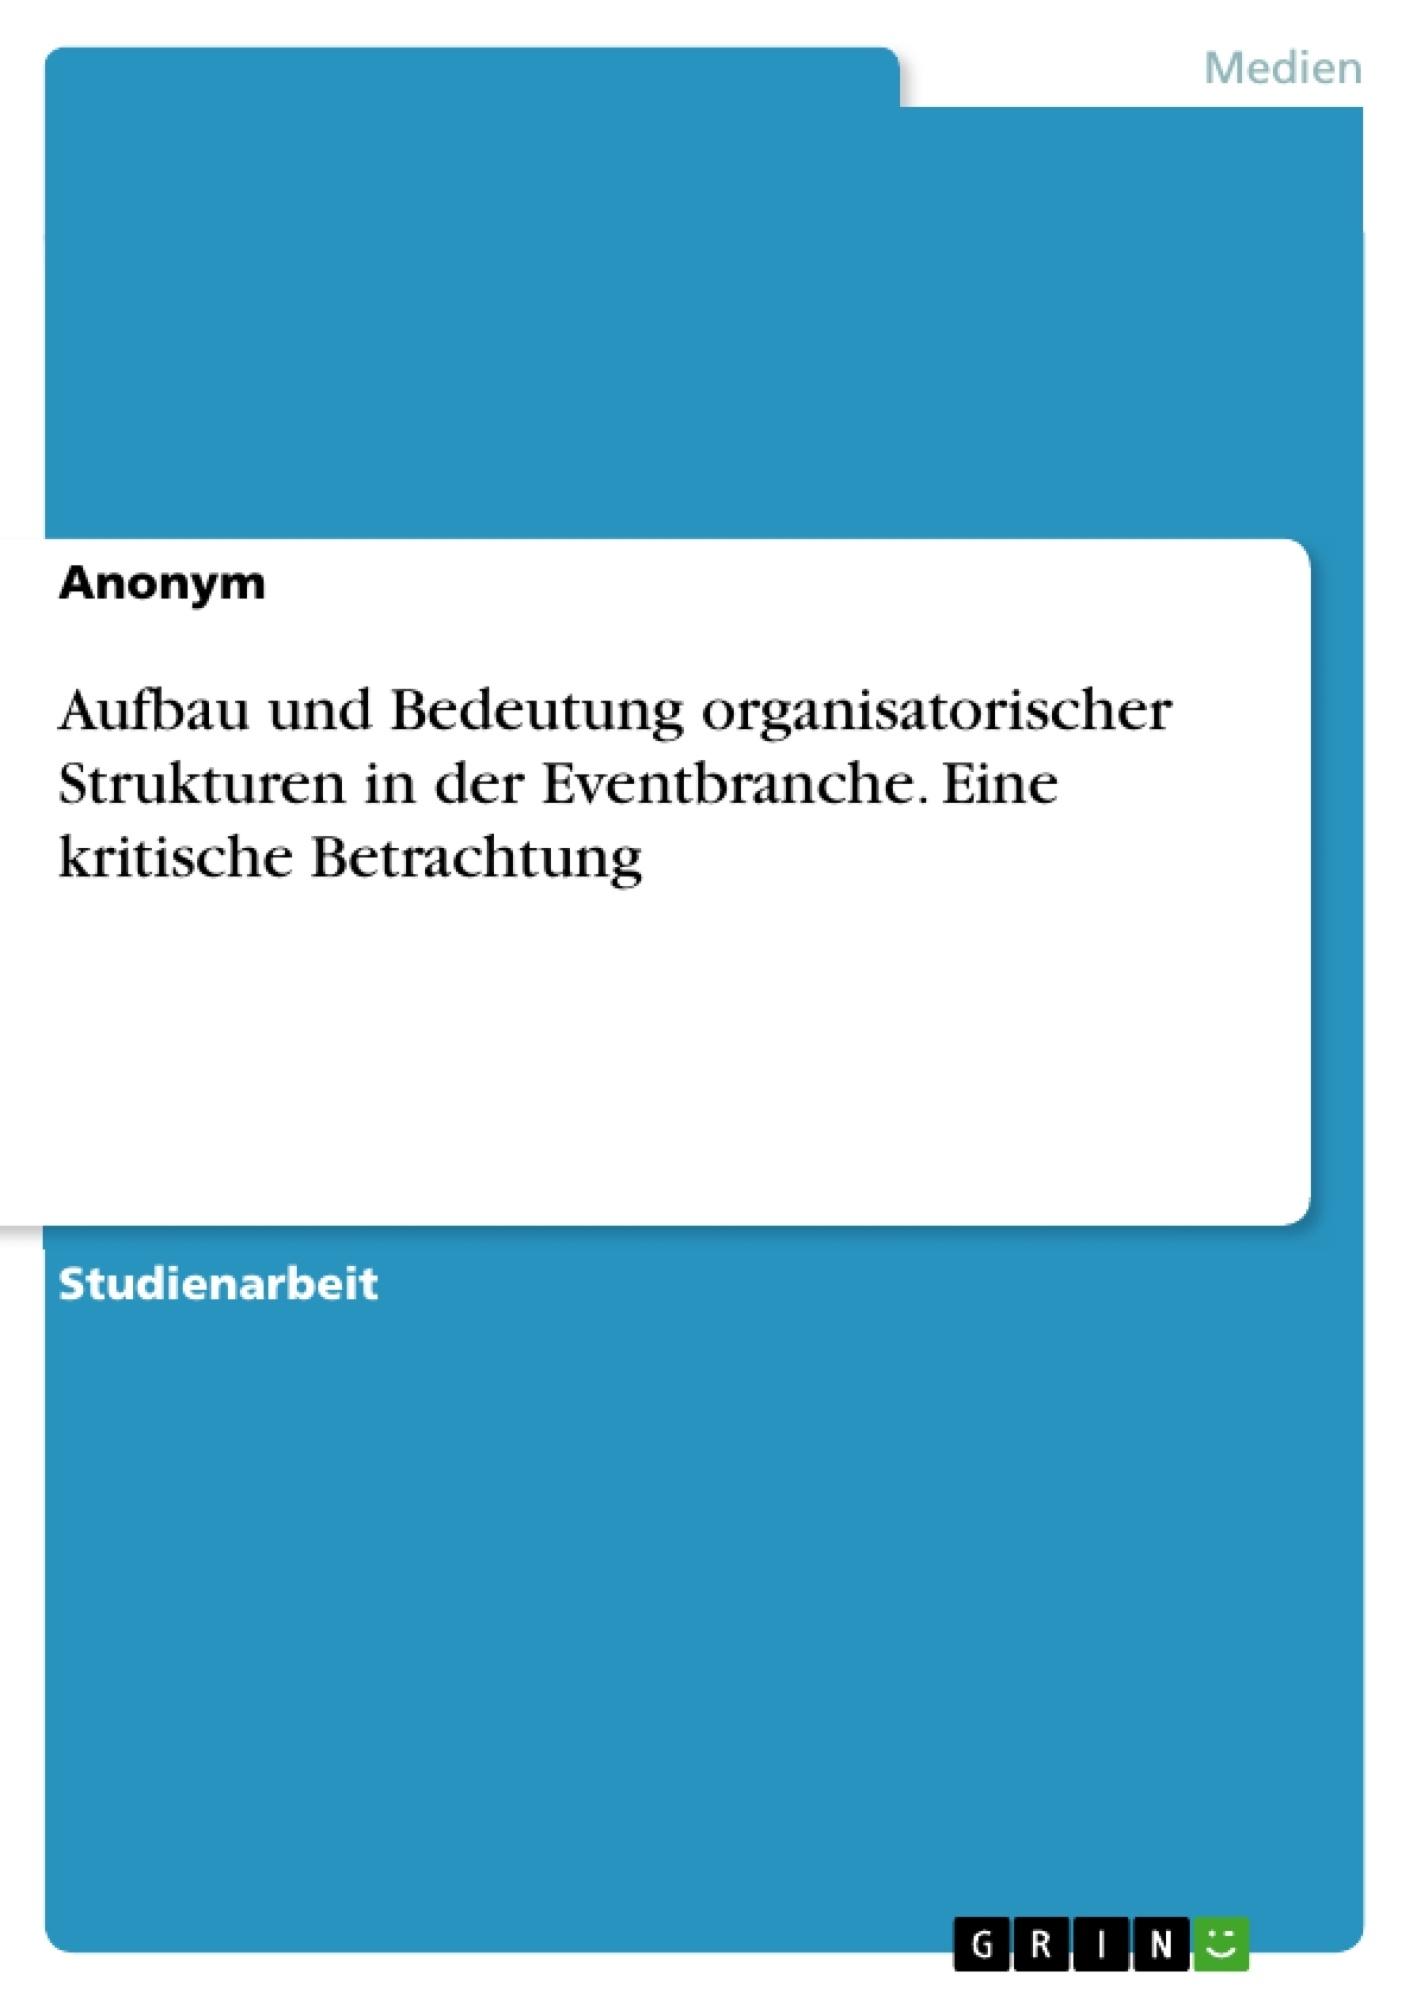 Titel: Aufbau und Bedeutung organisatorischer Strukturen in der Eventbranche. Eine kritische Betrachtung